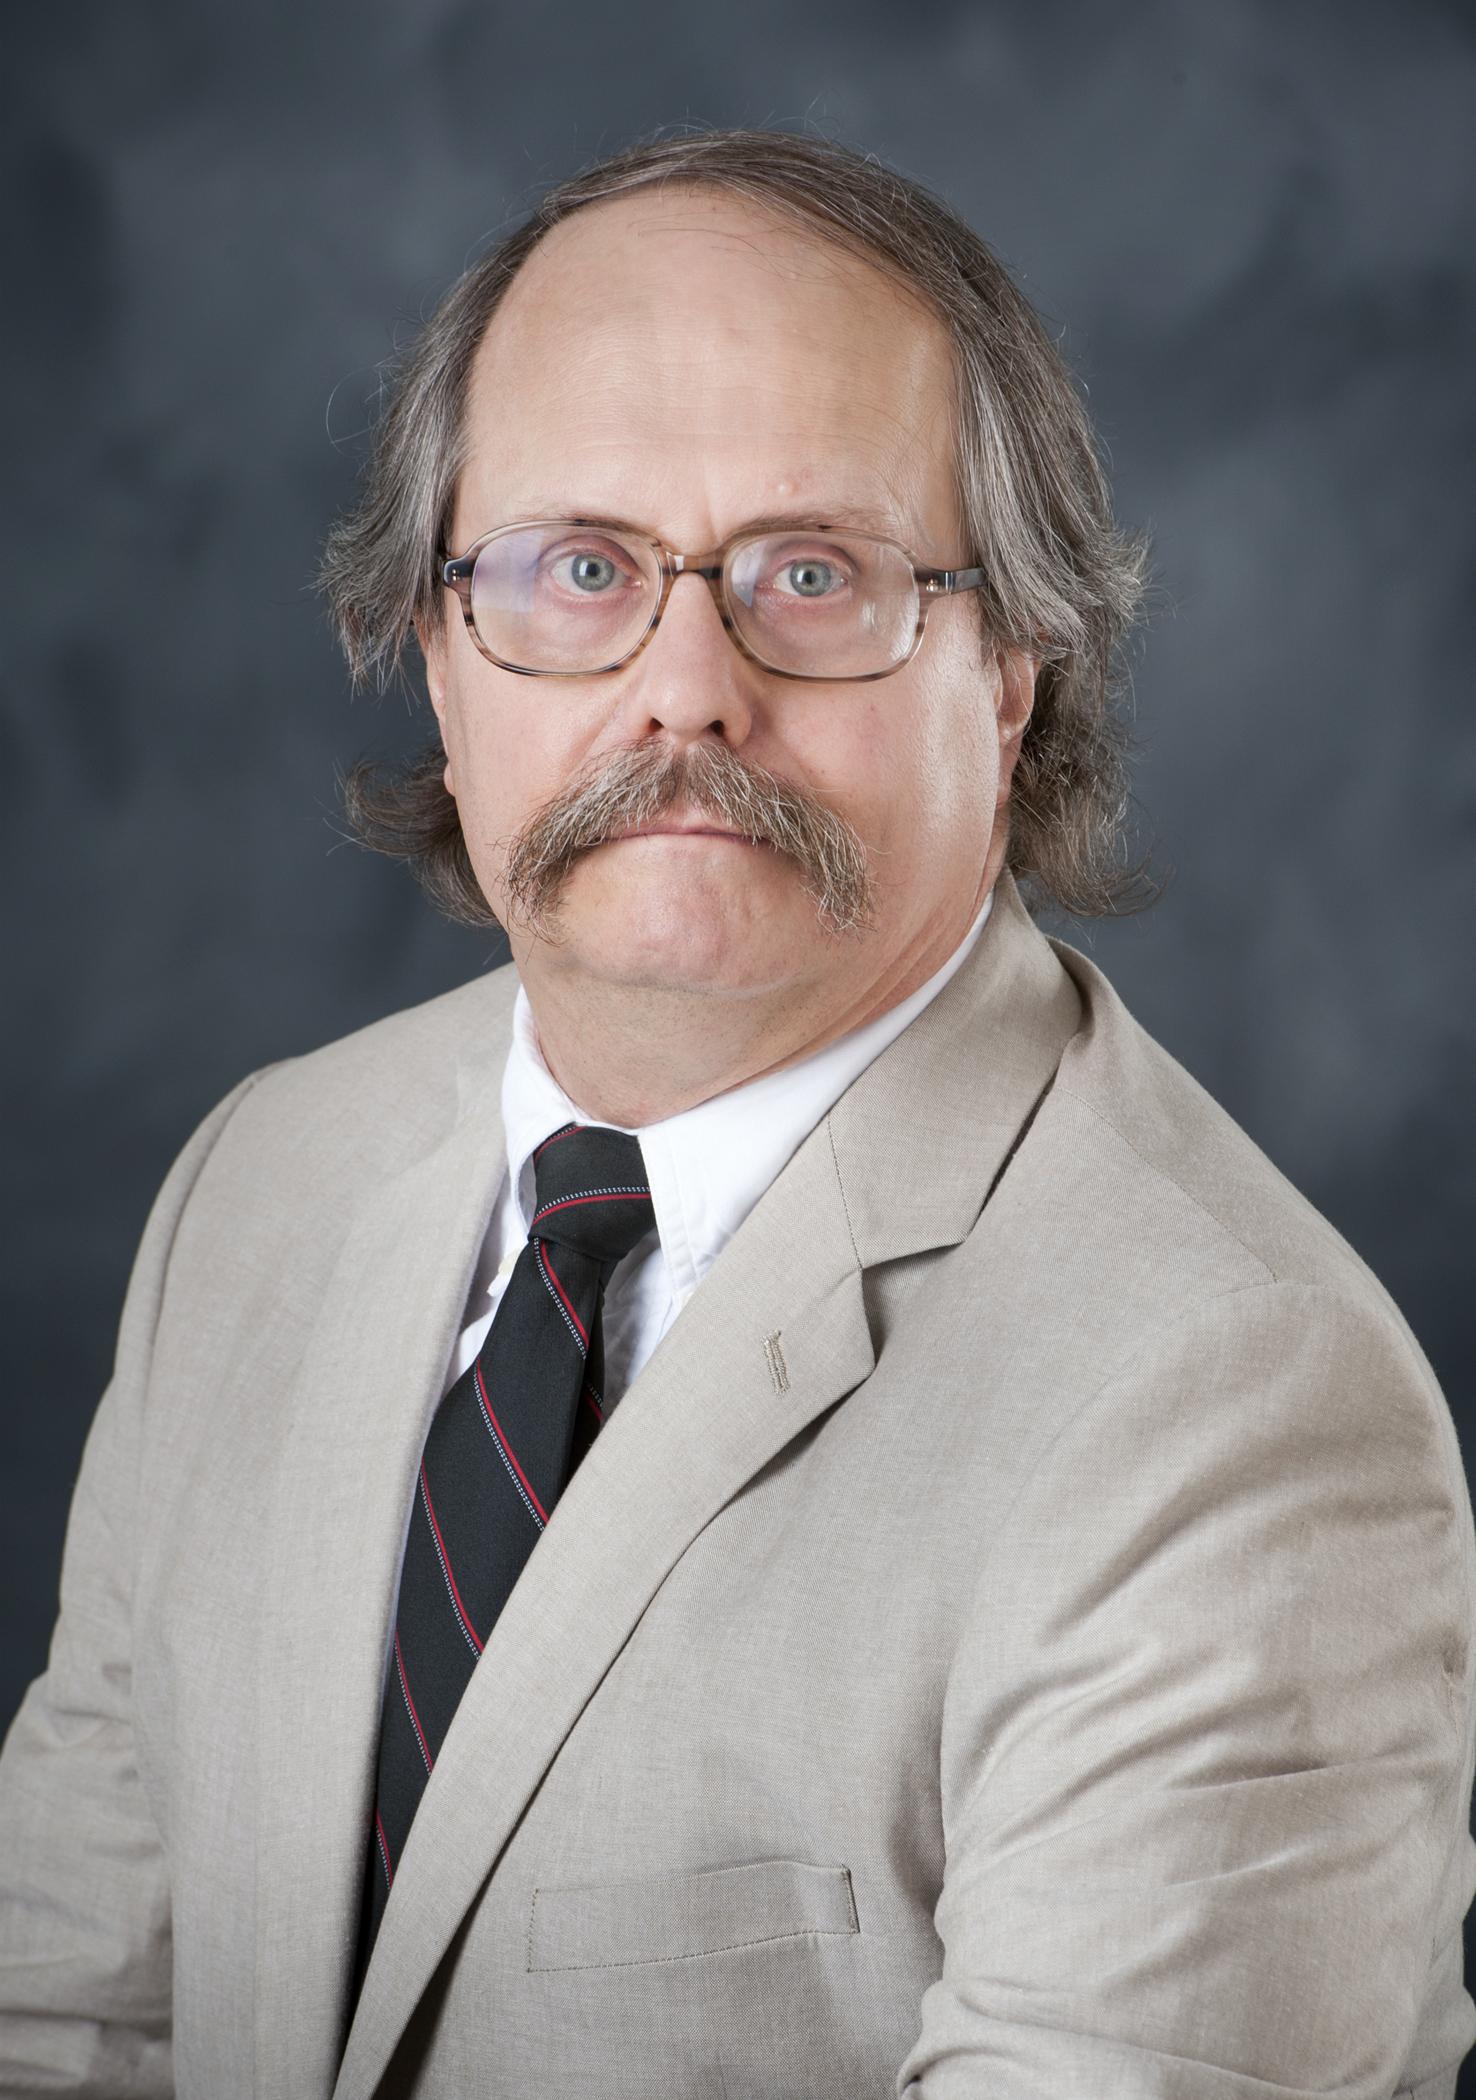 Jim Chrisman PhD